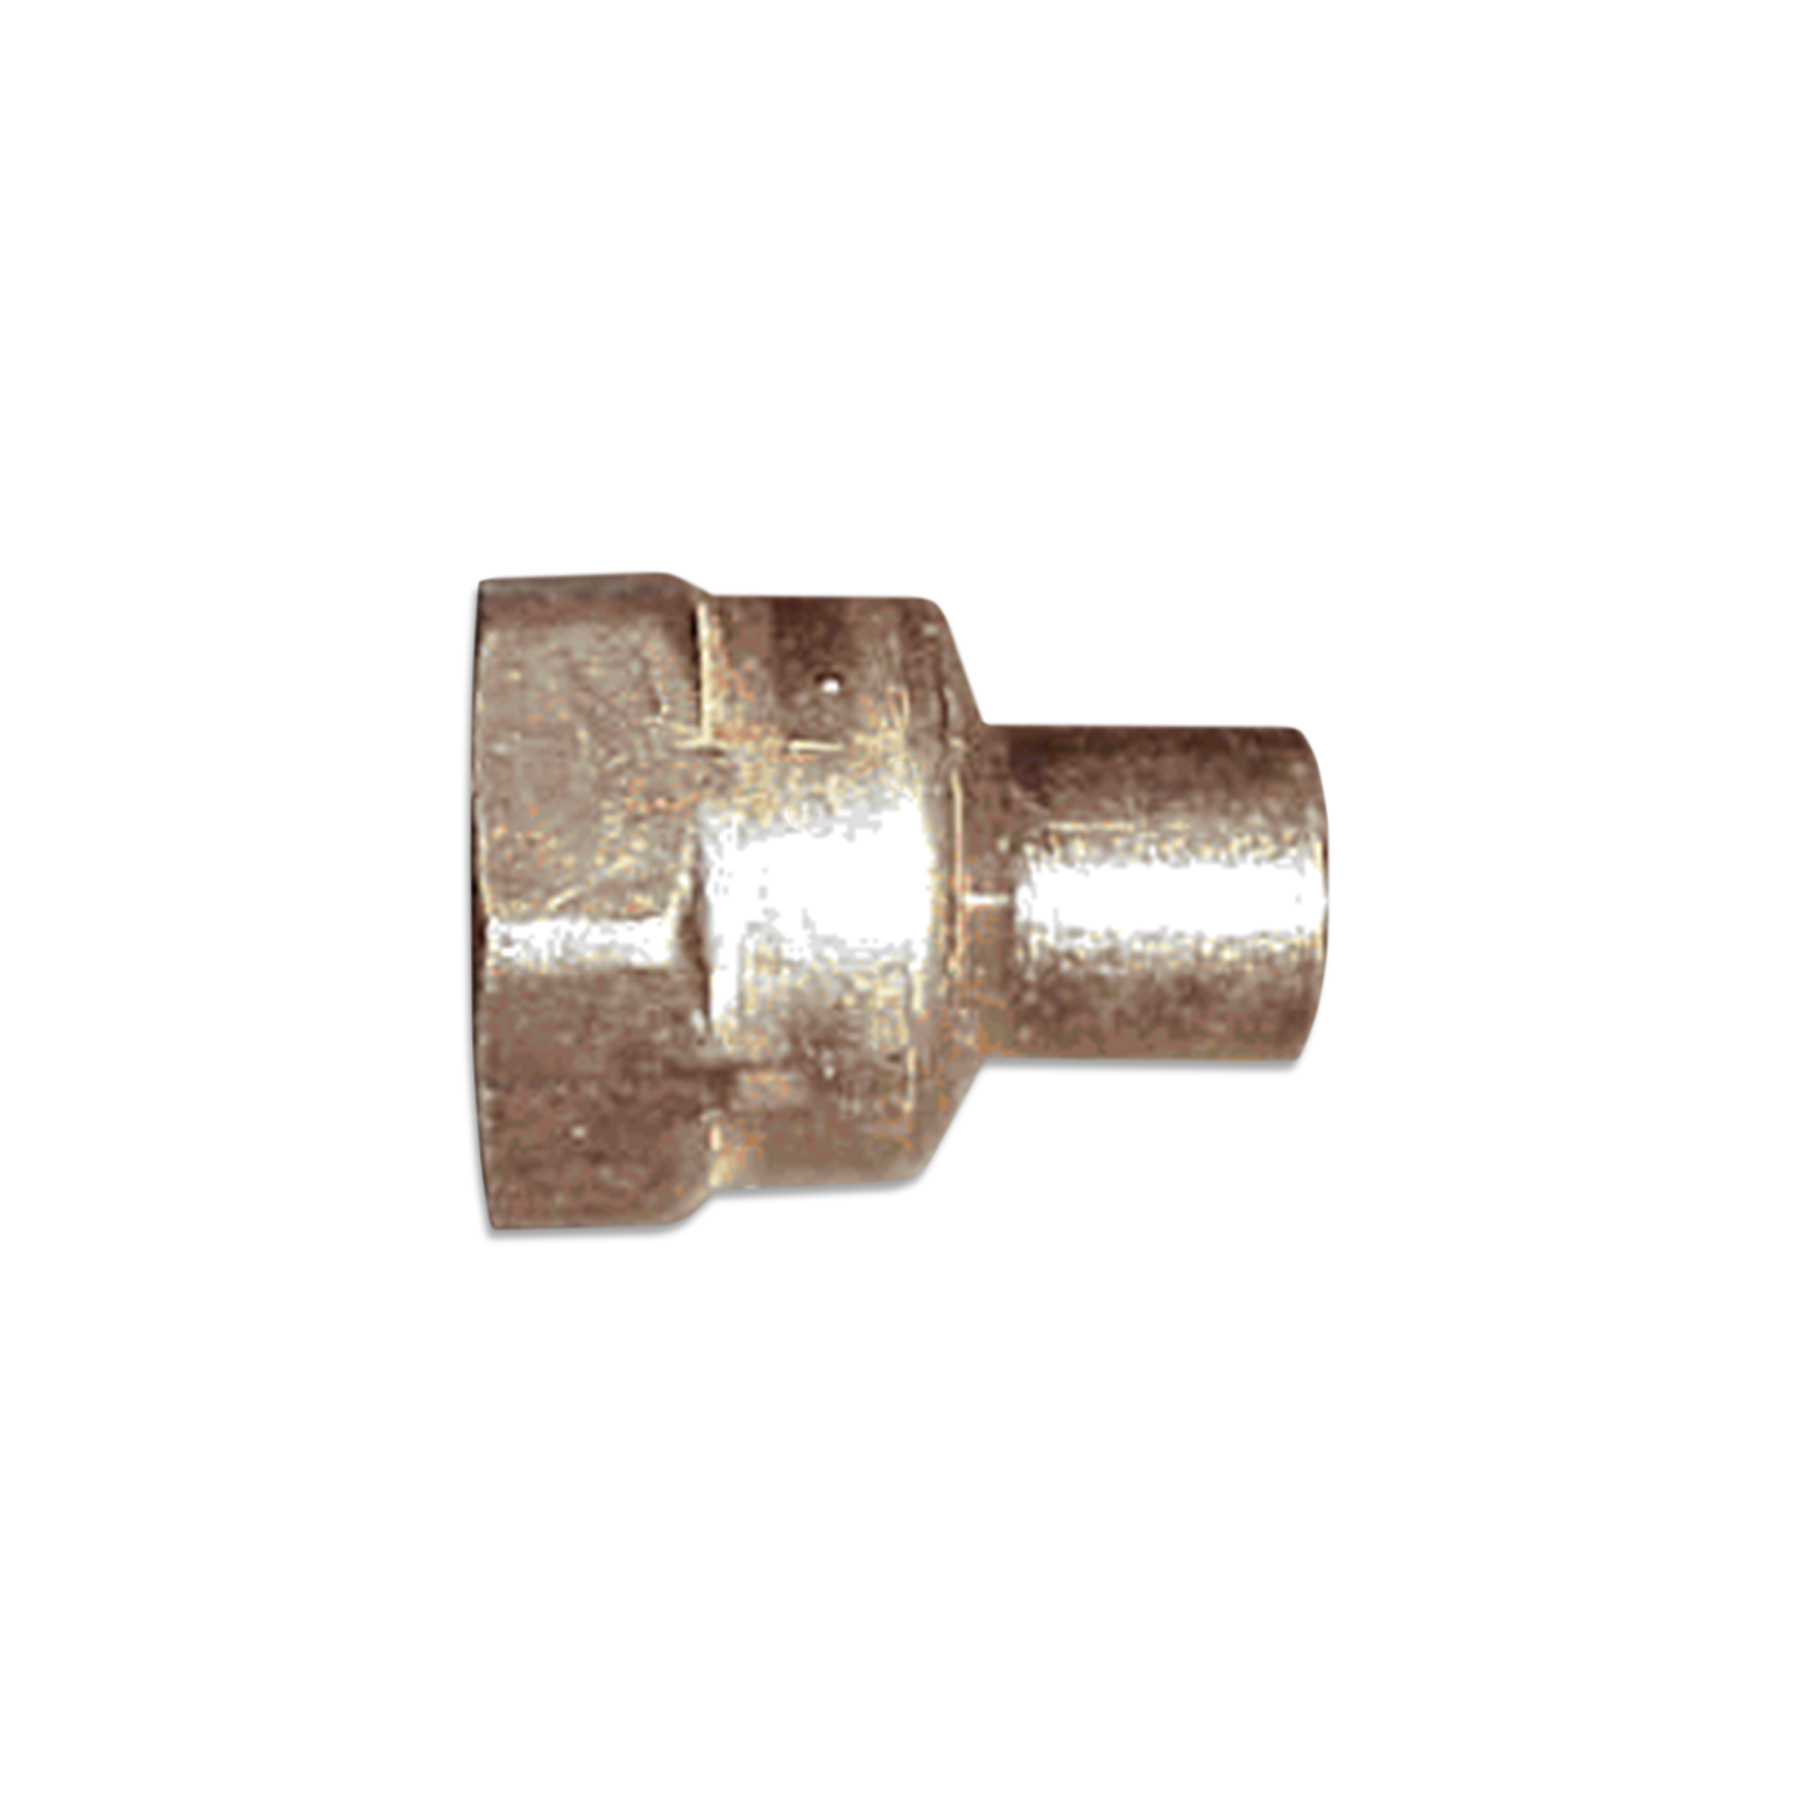 Copper Reducer Fitting 3/8 (F ) Sweat X 1/2 (F)NPT